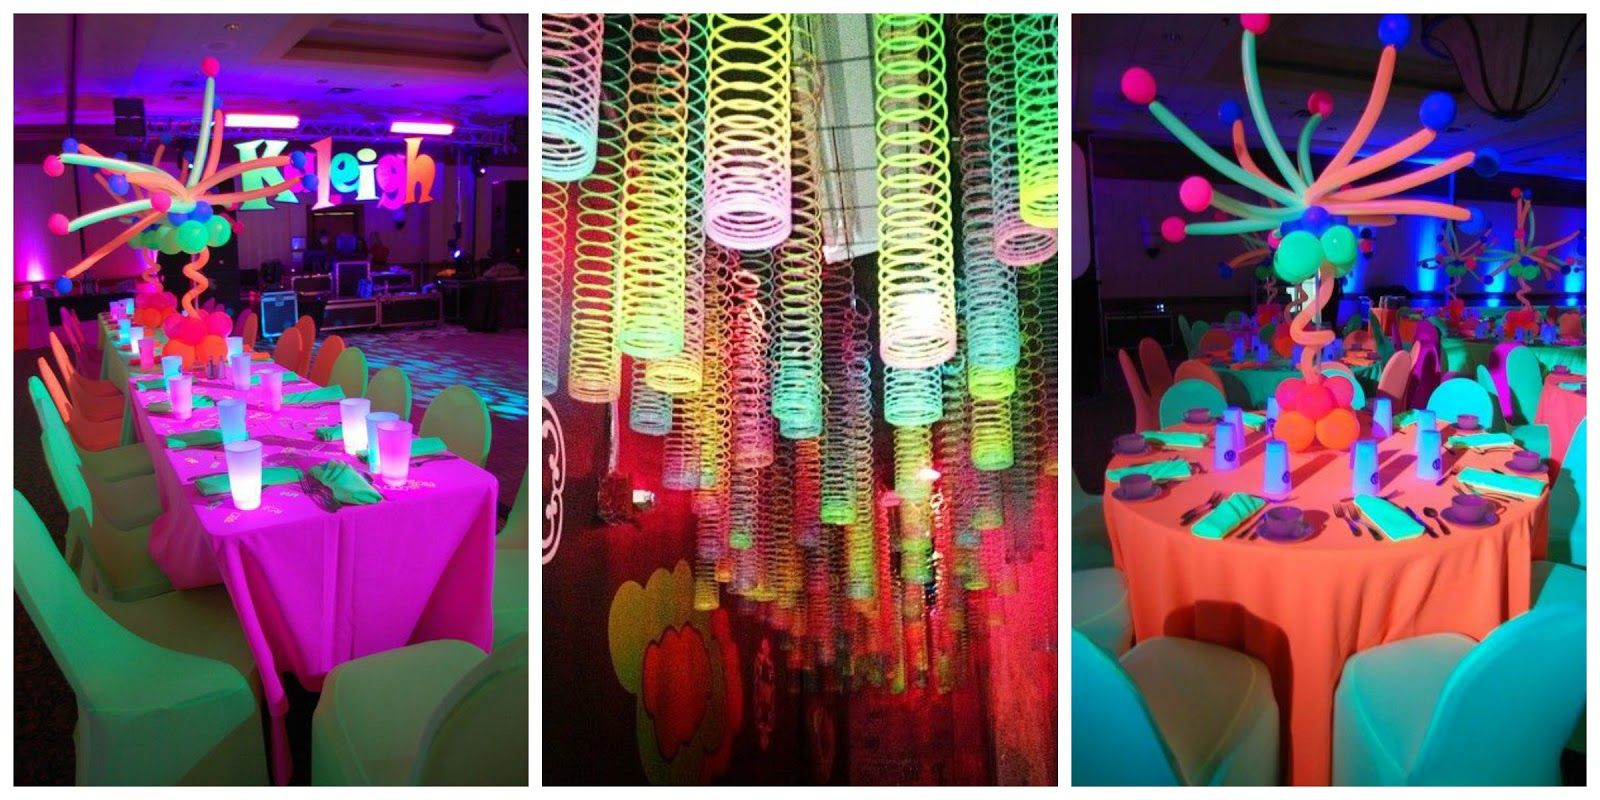 Neon Party Ideas Para La Decoracion Outfit Y Accesorios Fiesta Neon Decoracion Salones De Fiesta Decoracion Fiesta Neon